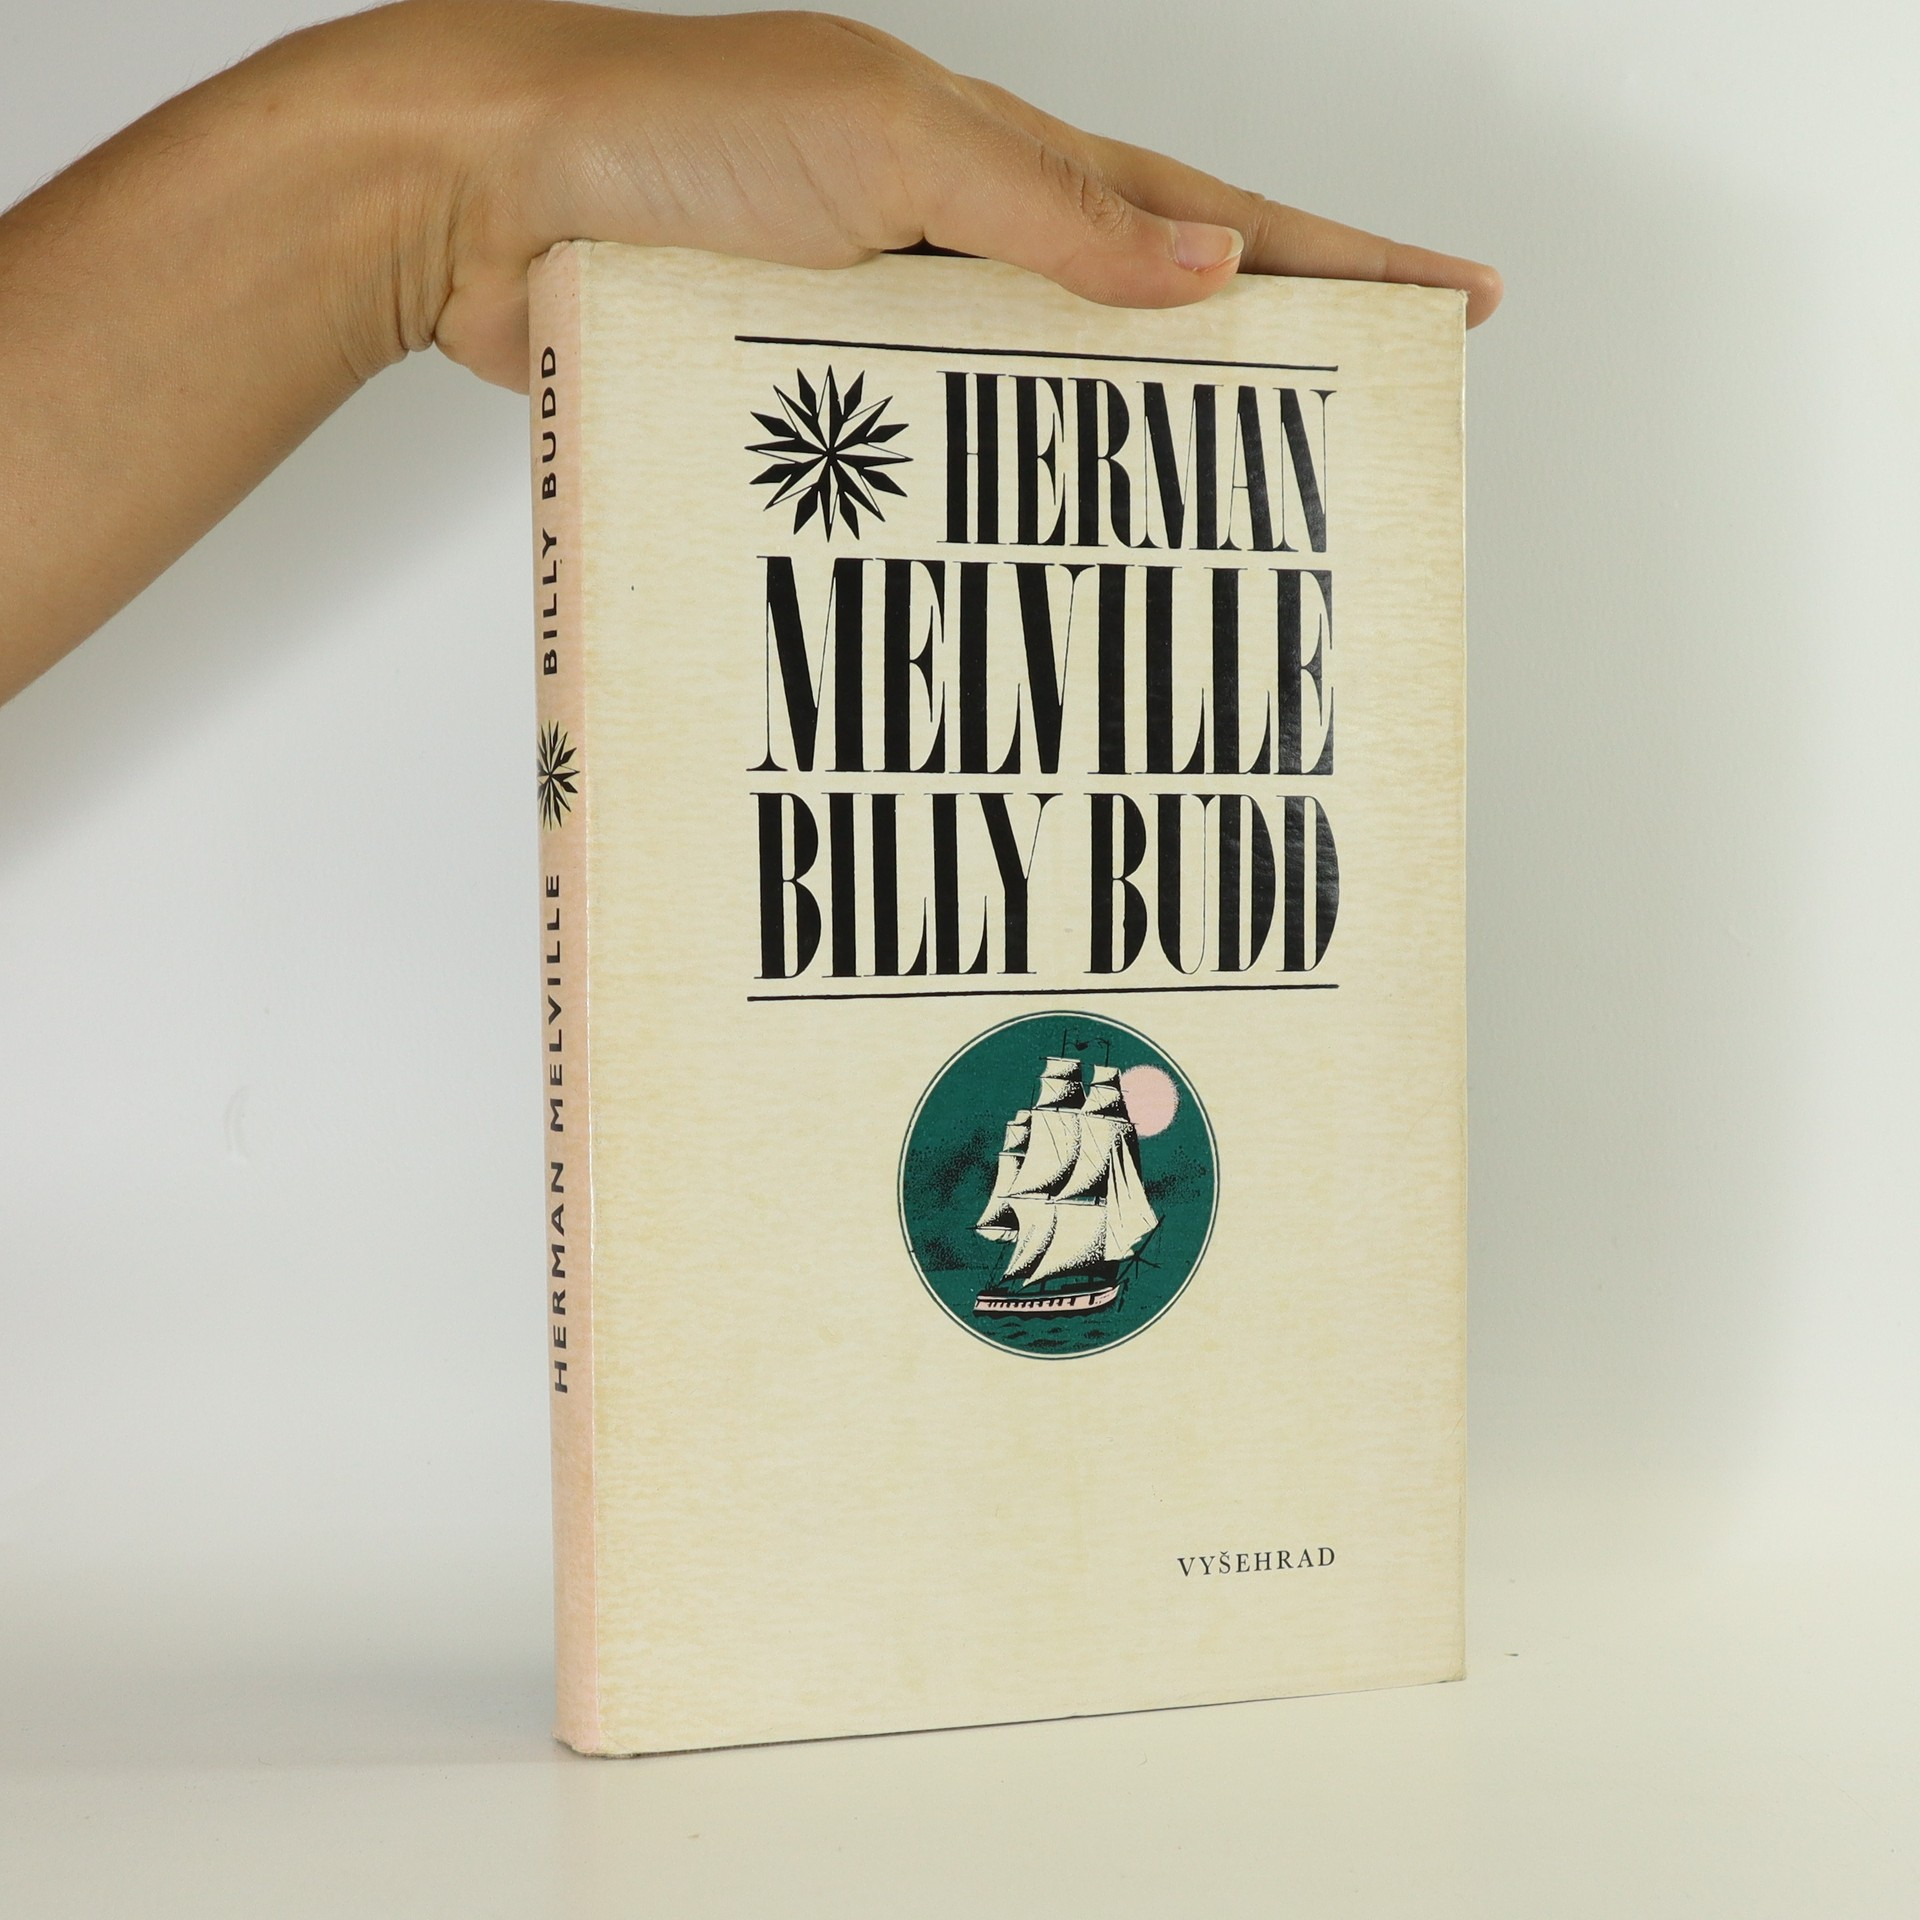 antikvární kniha Billy Budd, 1978